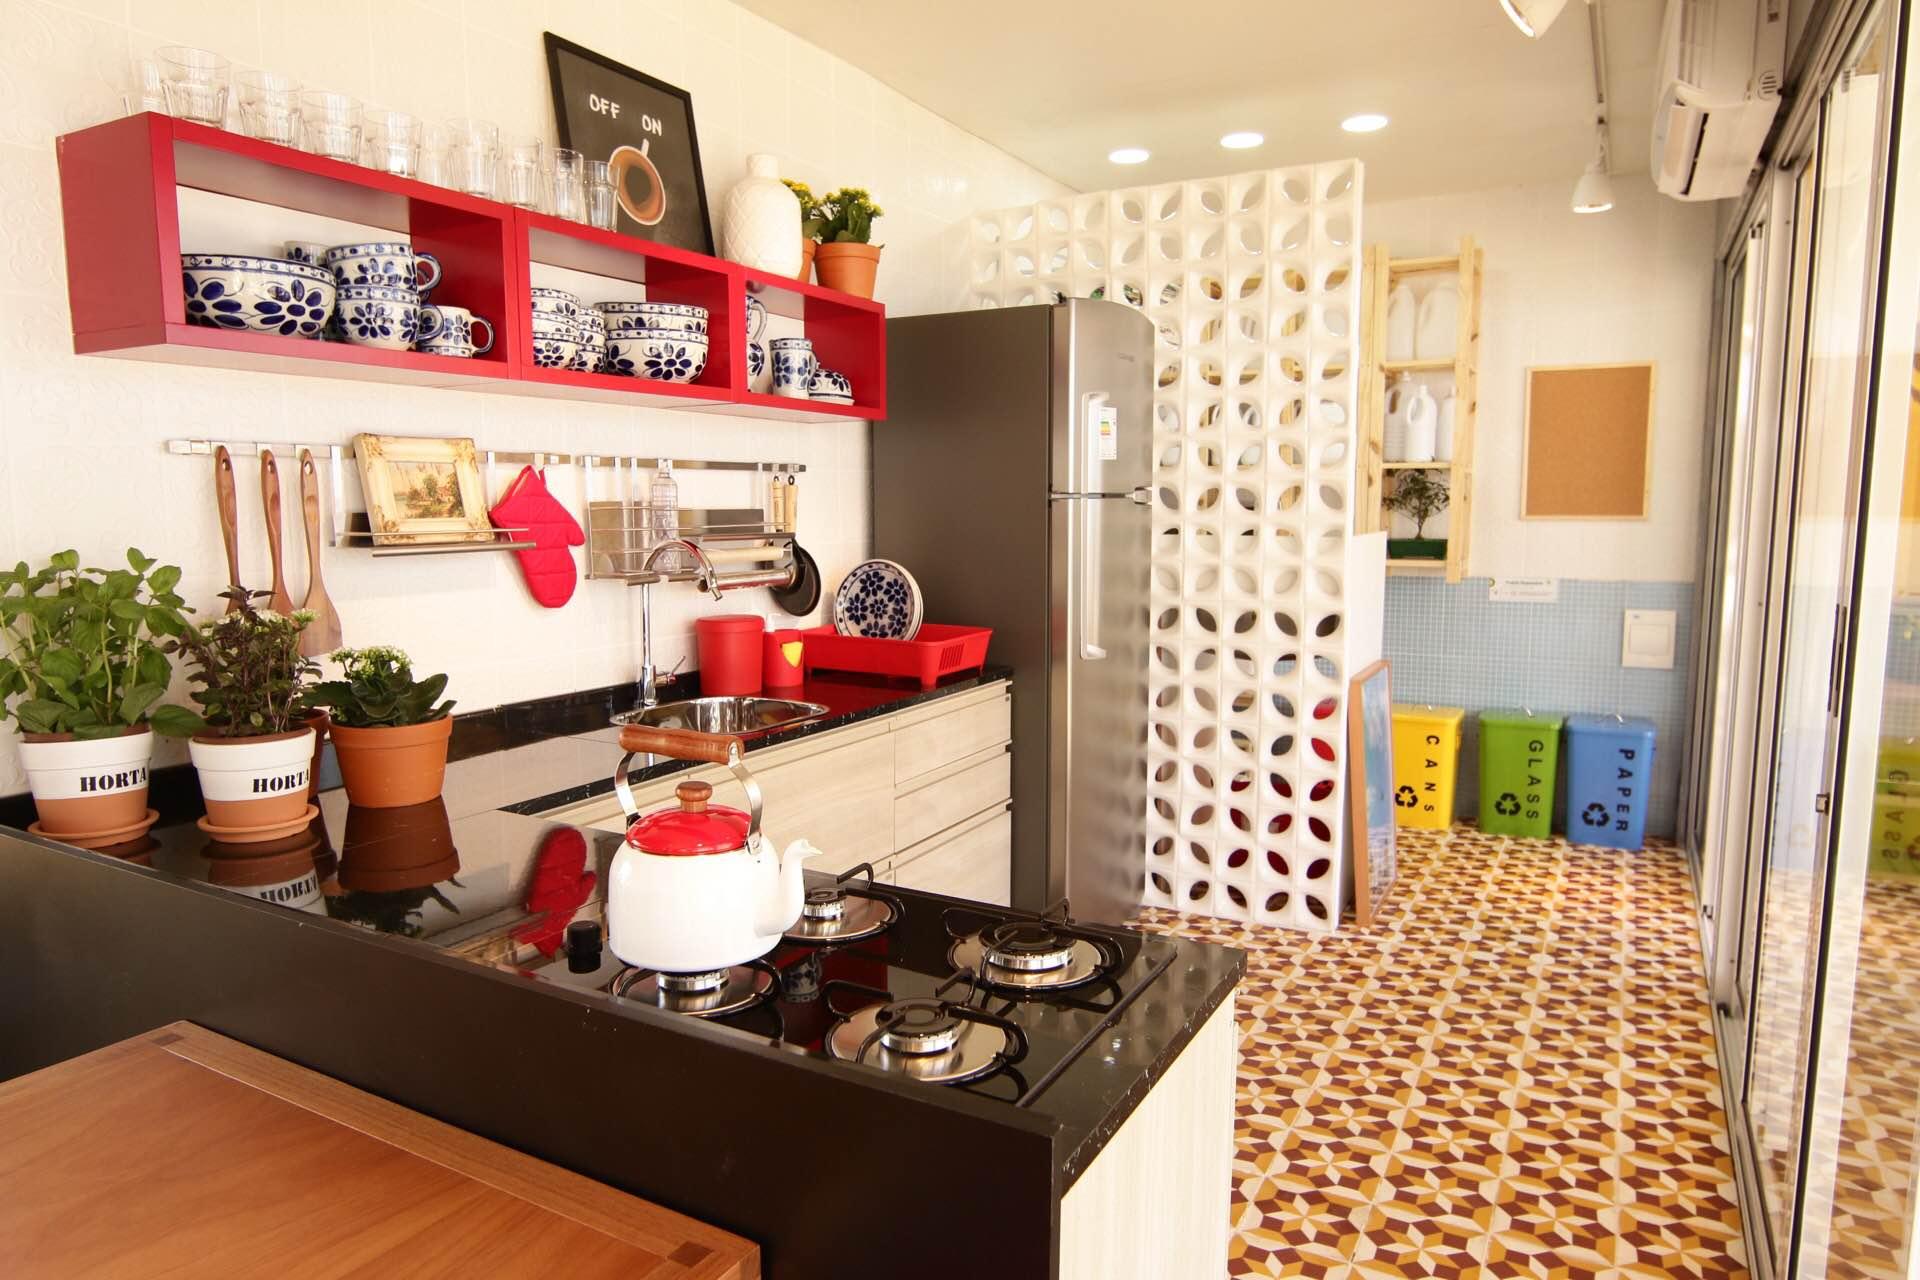 Casa Viva Leroy Merlin: cozinha com área de serviço inspirados em Minas Gerais